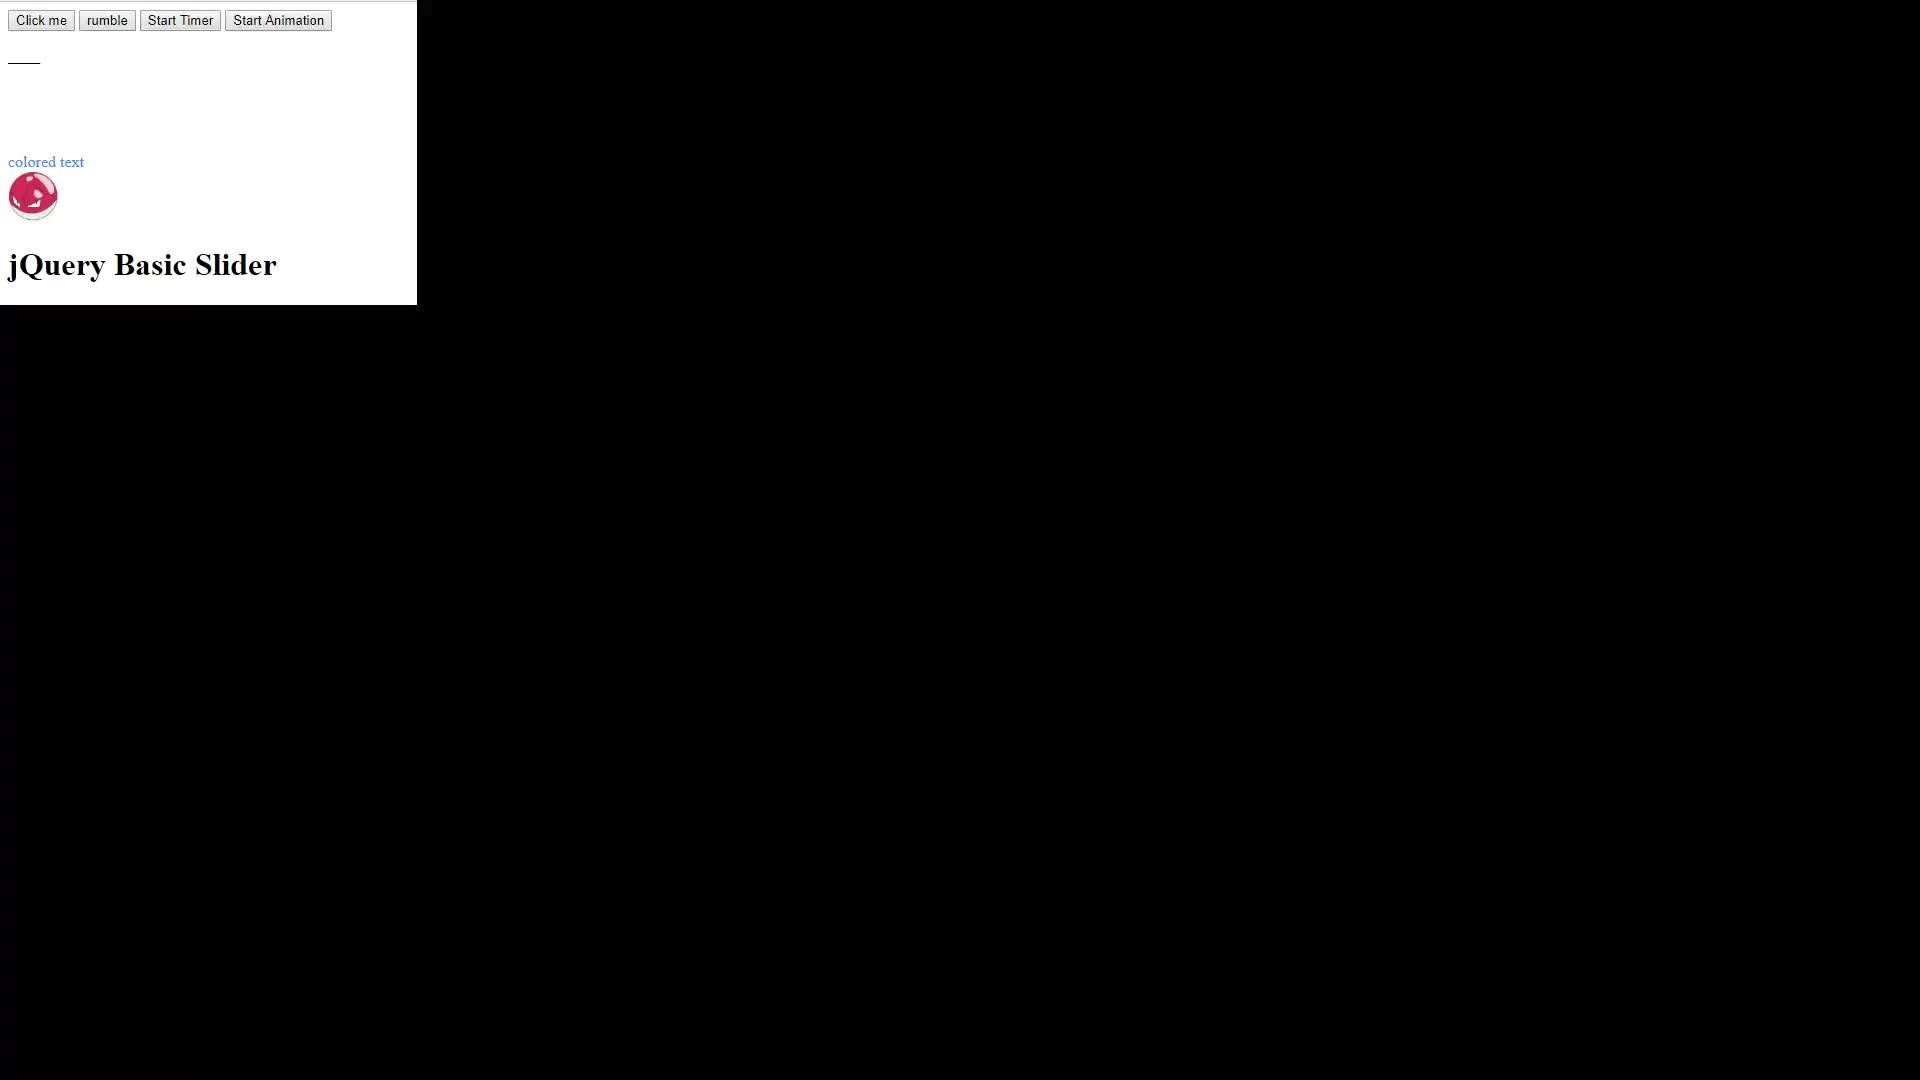 2018-06-03-1547-57 GIFs